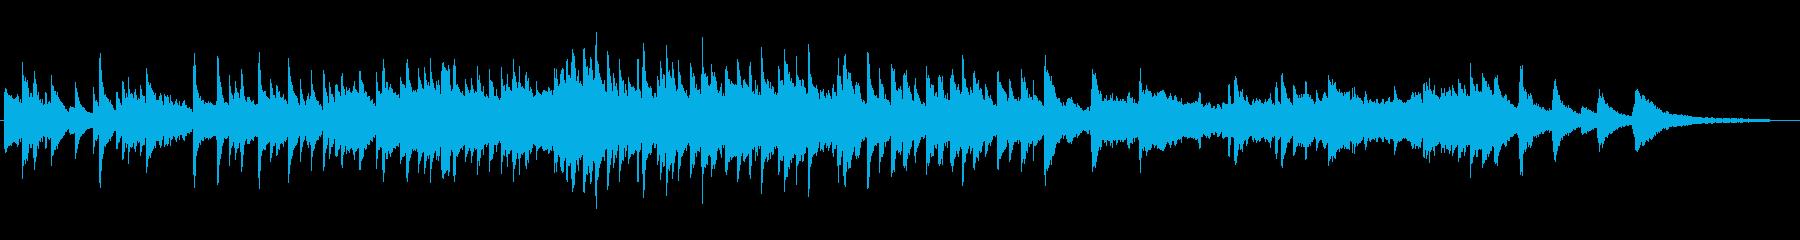 ヒーリング系のピアノソロ(柔らかい音色の再生済みの波形